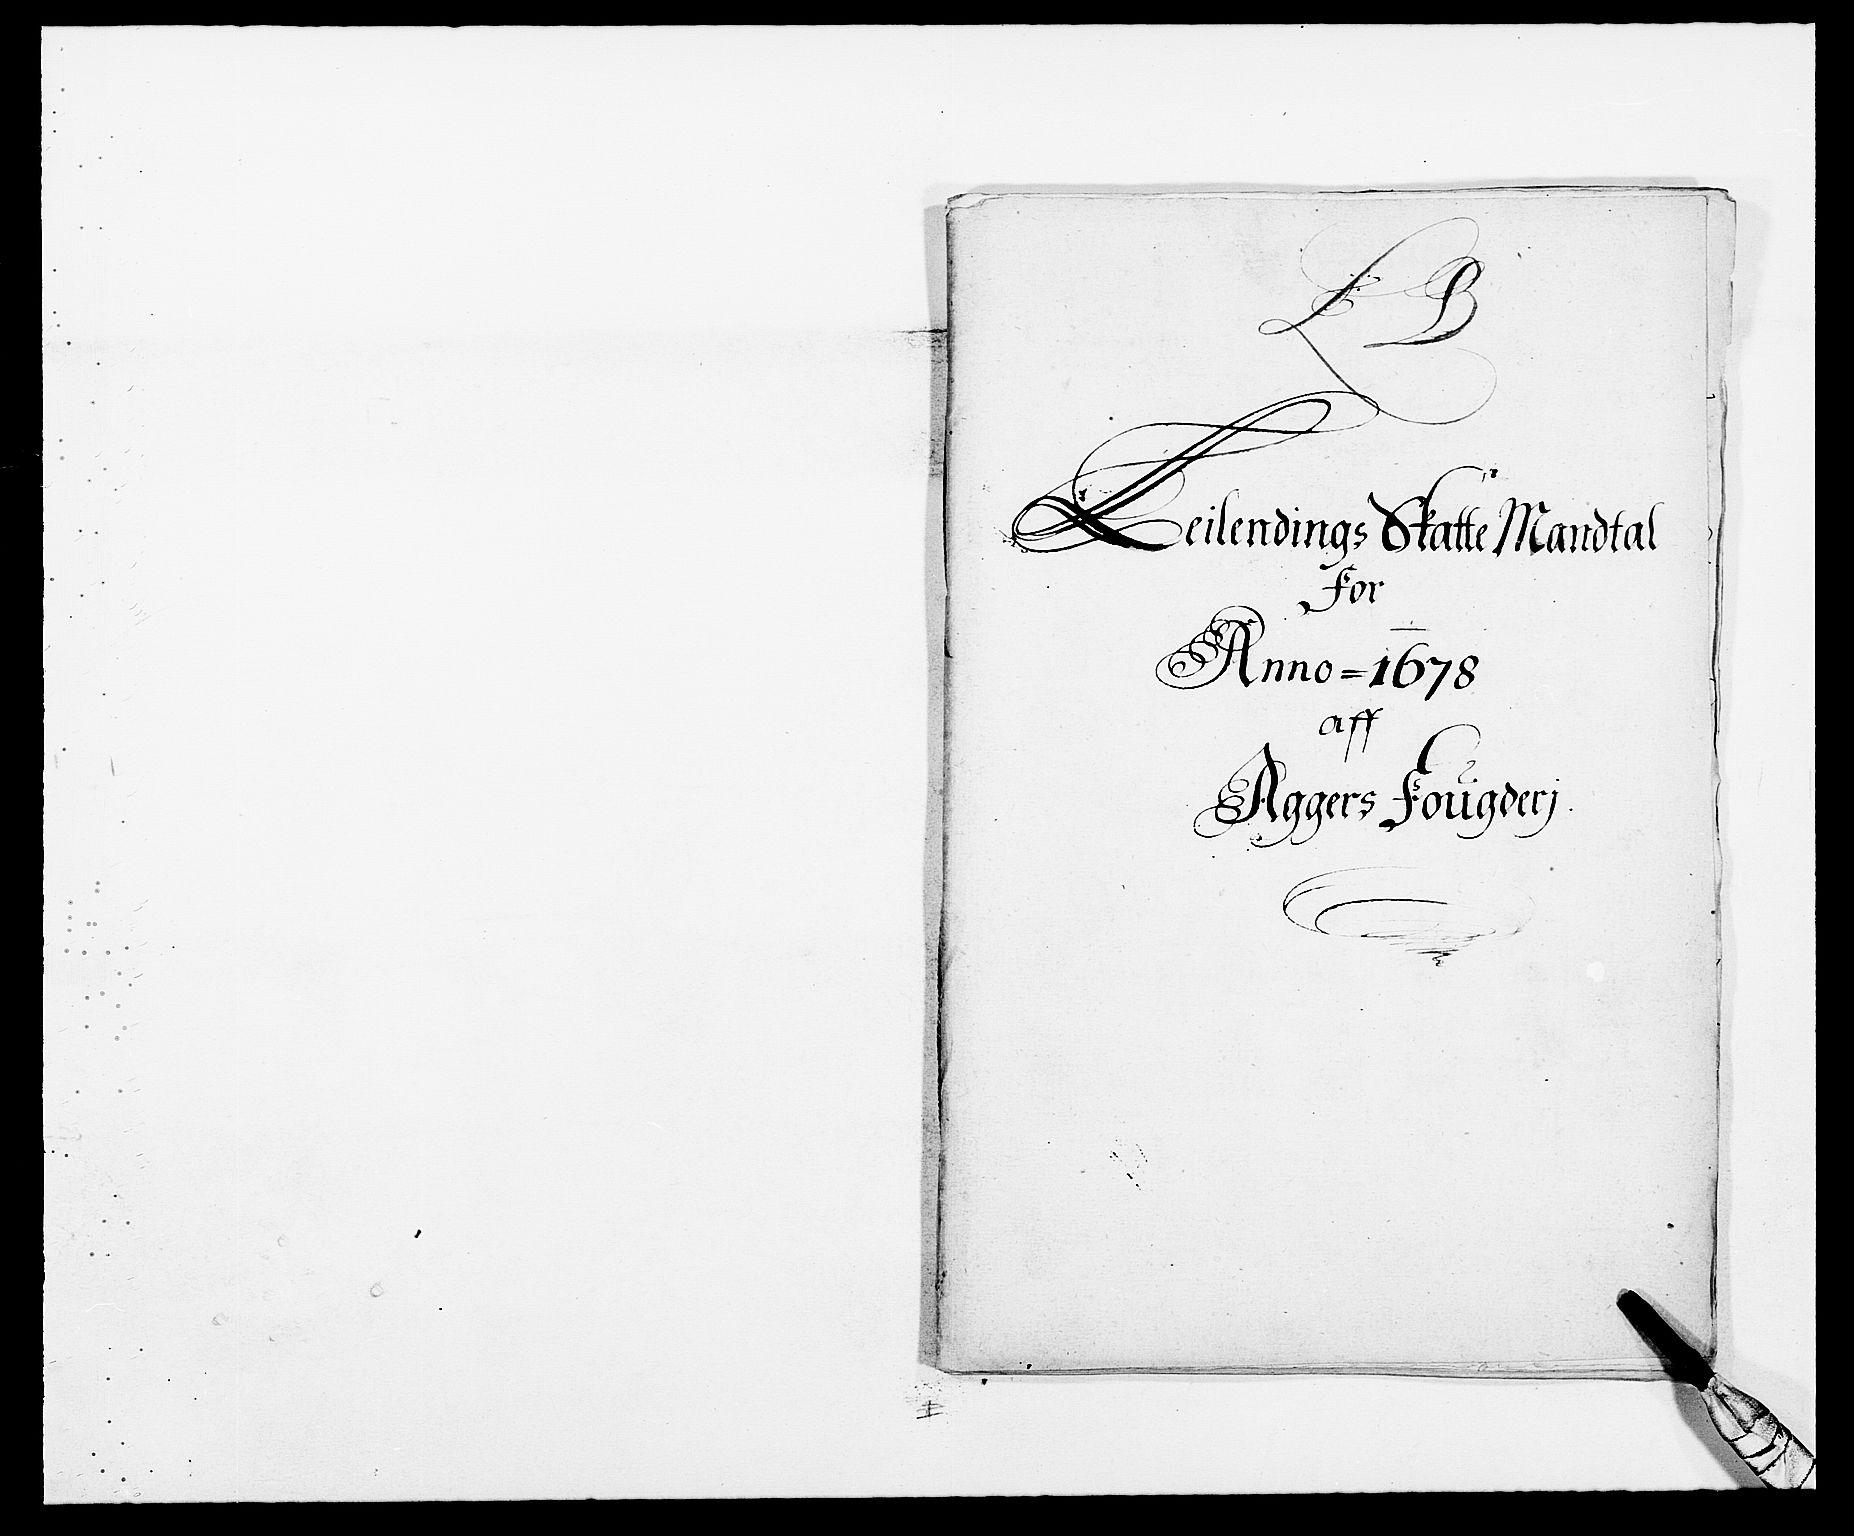 RA, Rentekammeret inntil 1814, Reviderte regnskaper, Fogderegnskap, R08/L0416: Fogderegnskap Aker, 1678-1681, s. 201